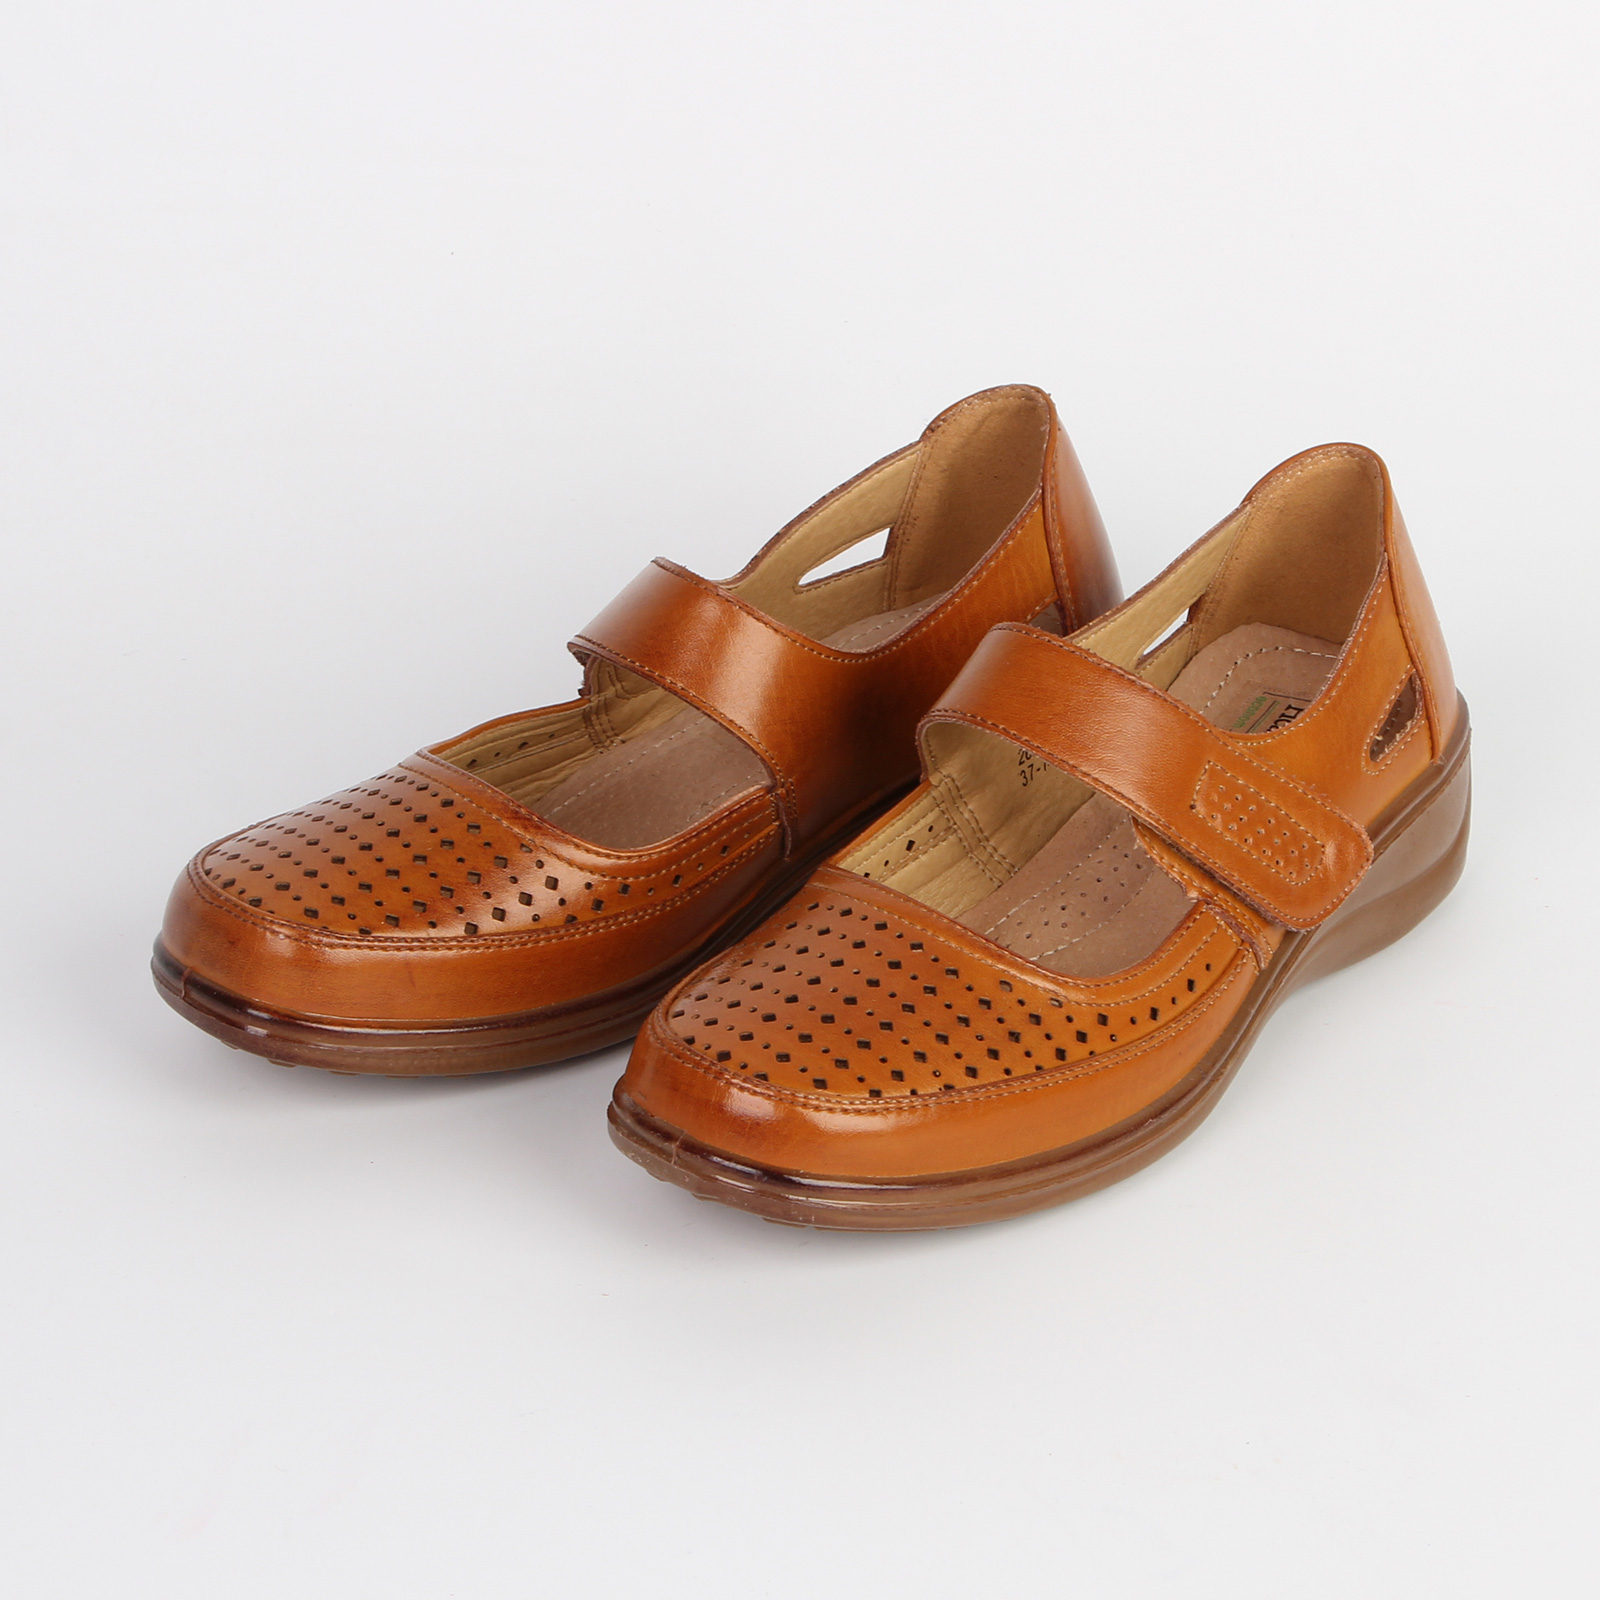 Туфли женские украшенные мелкой перфорацией на мысу